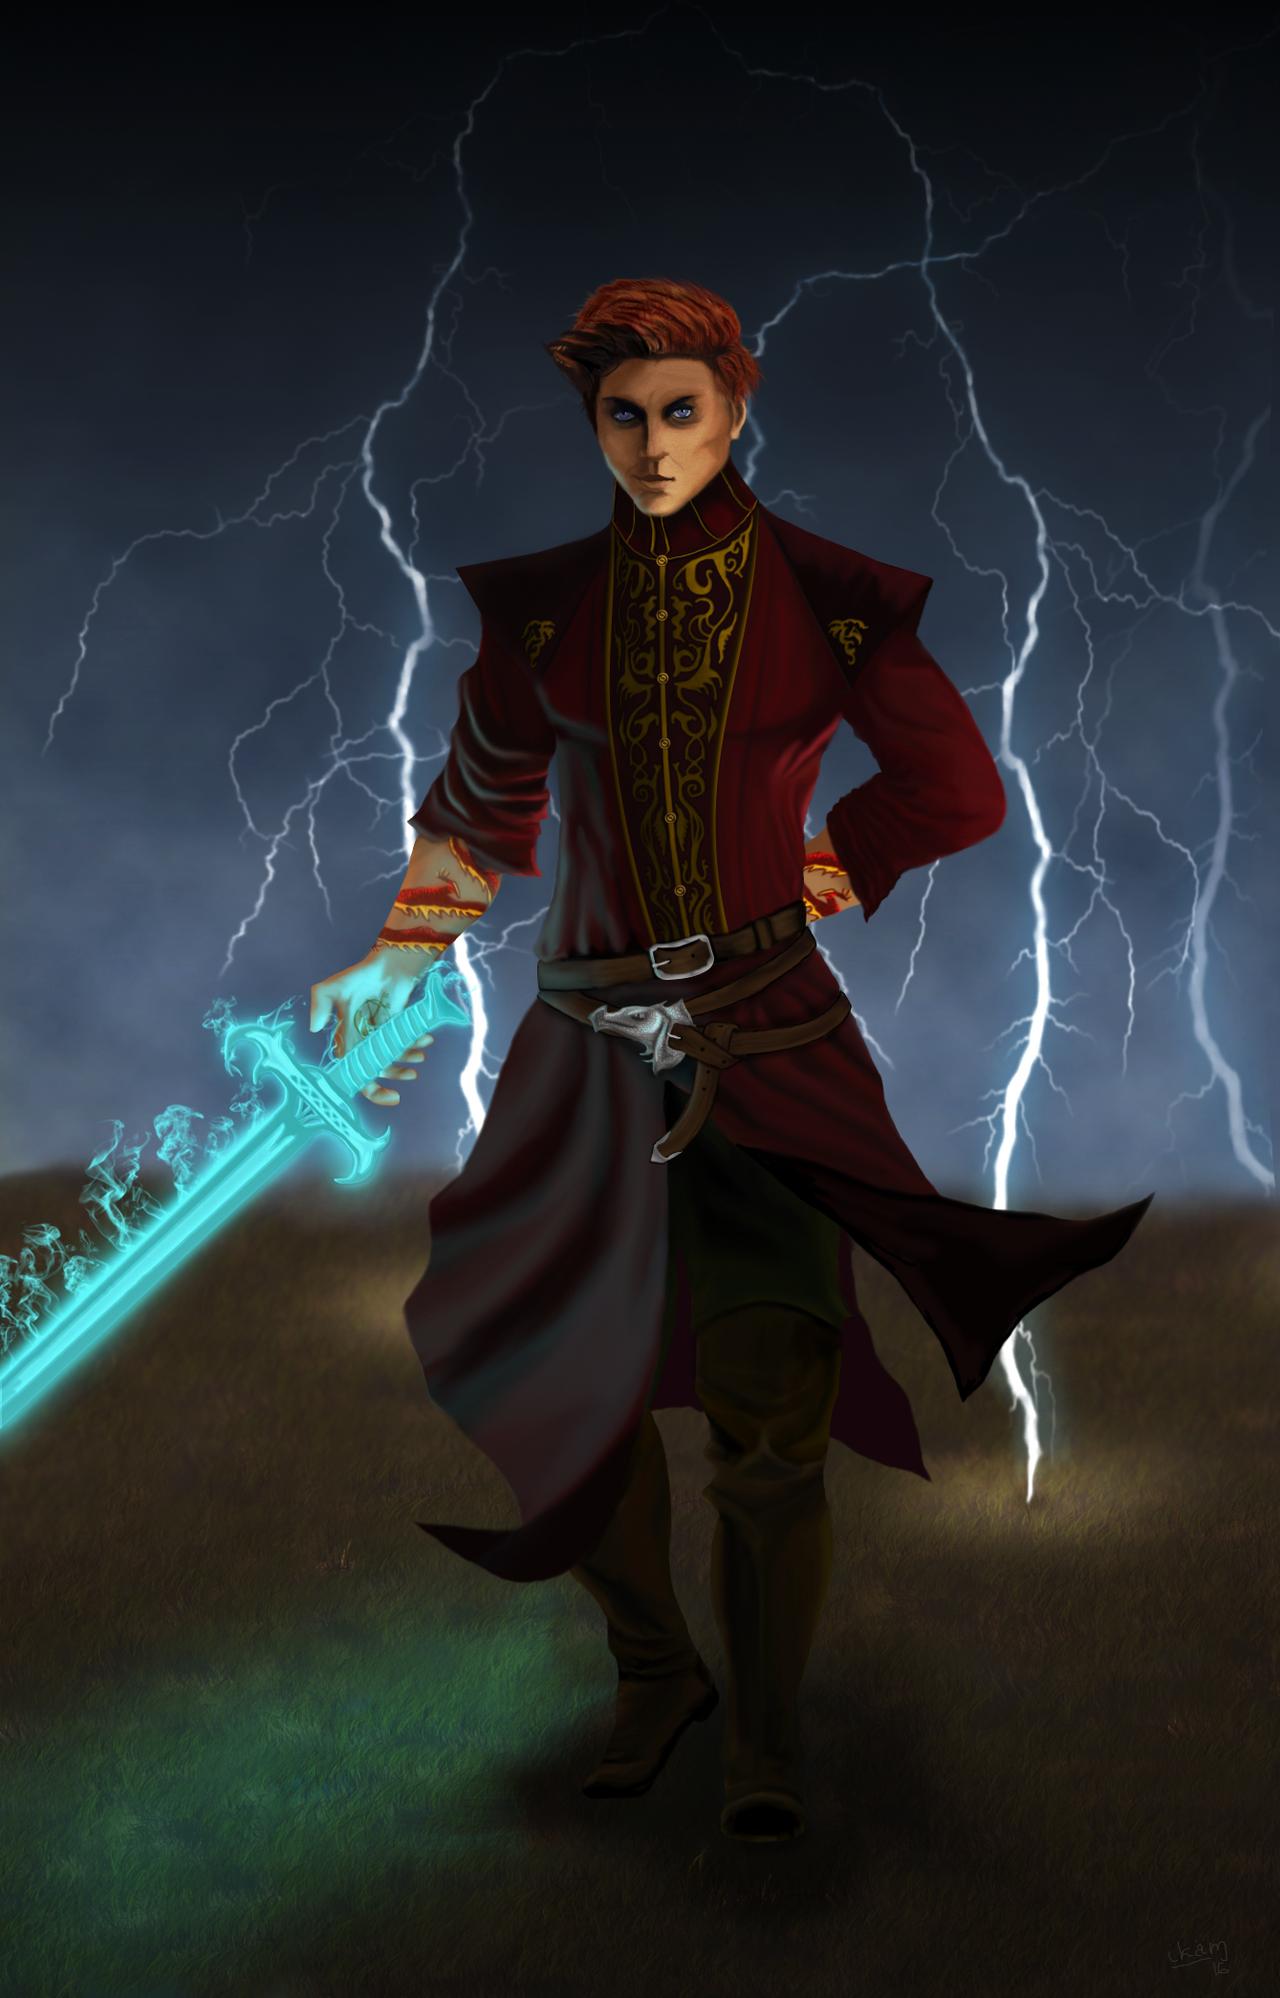 Rand al'Thor by ikammya on DeviantArt